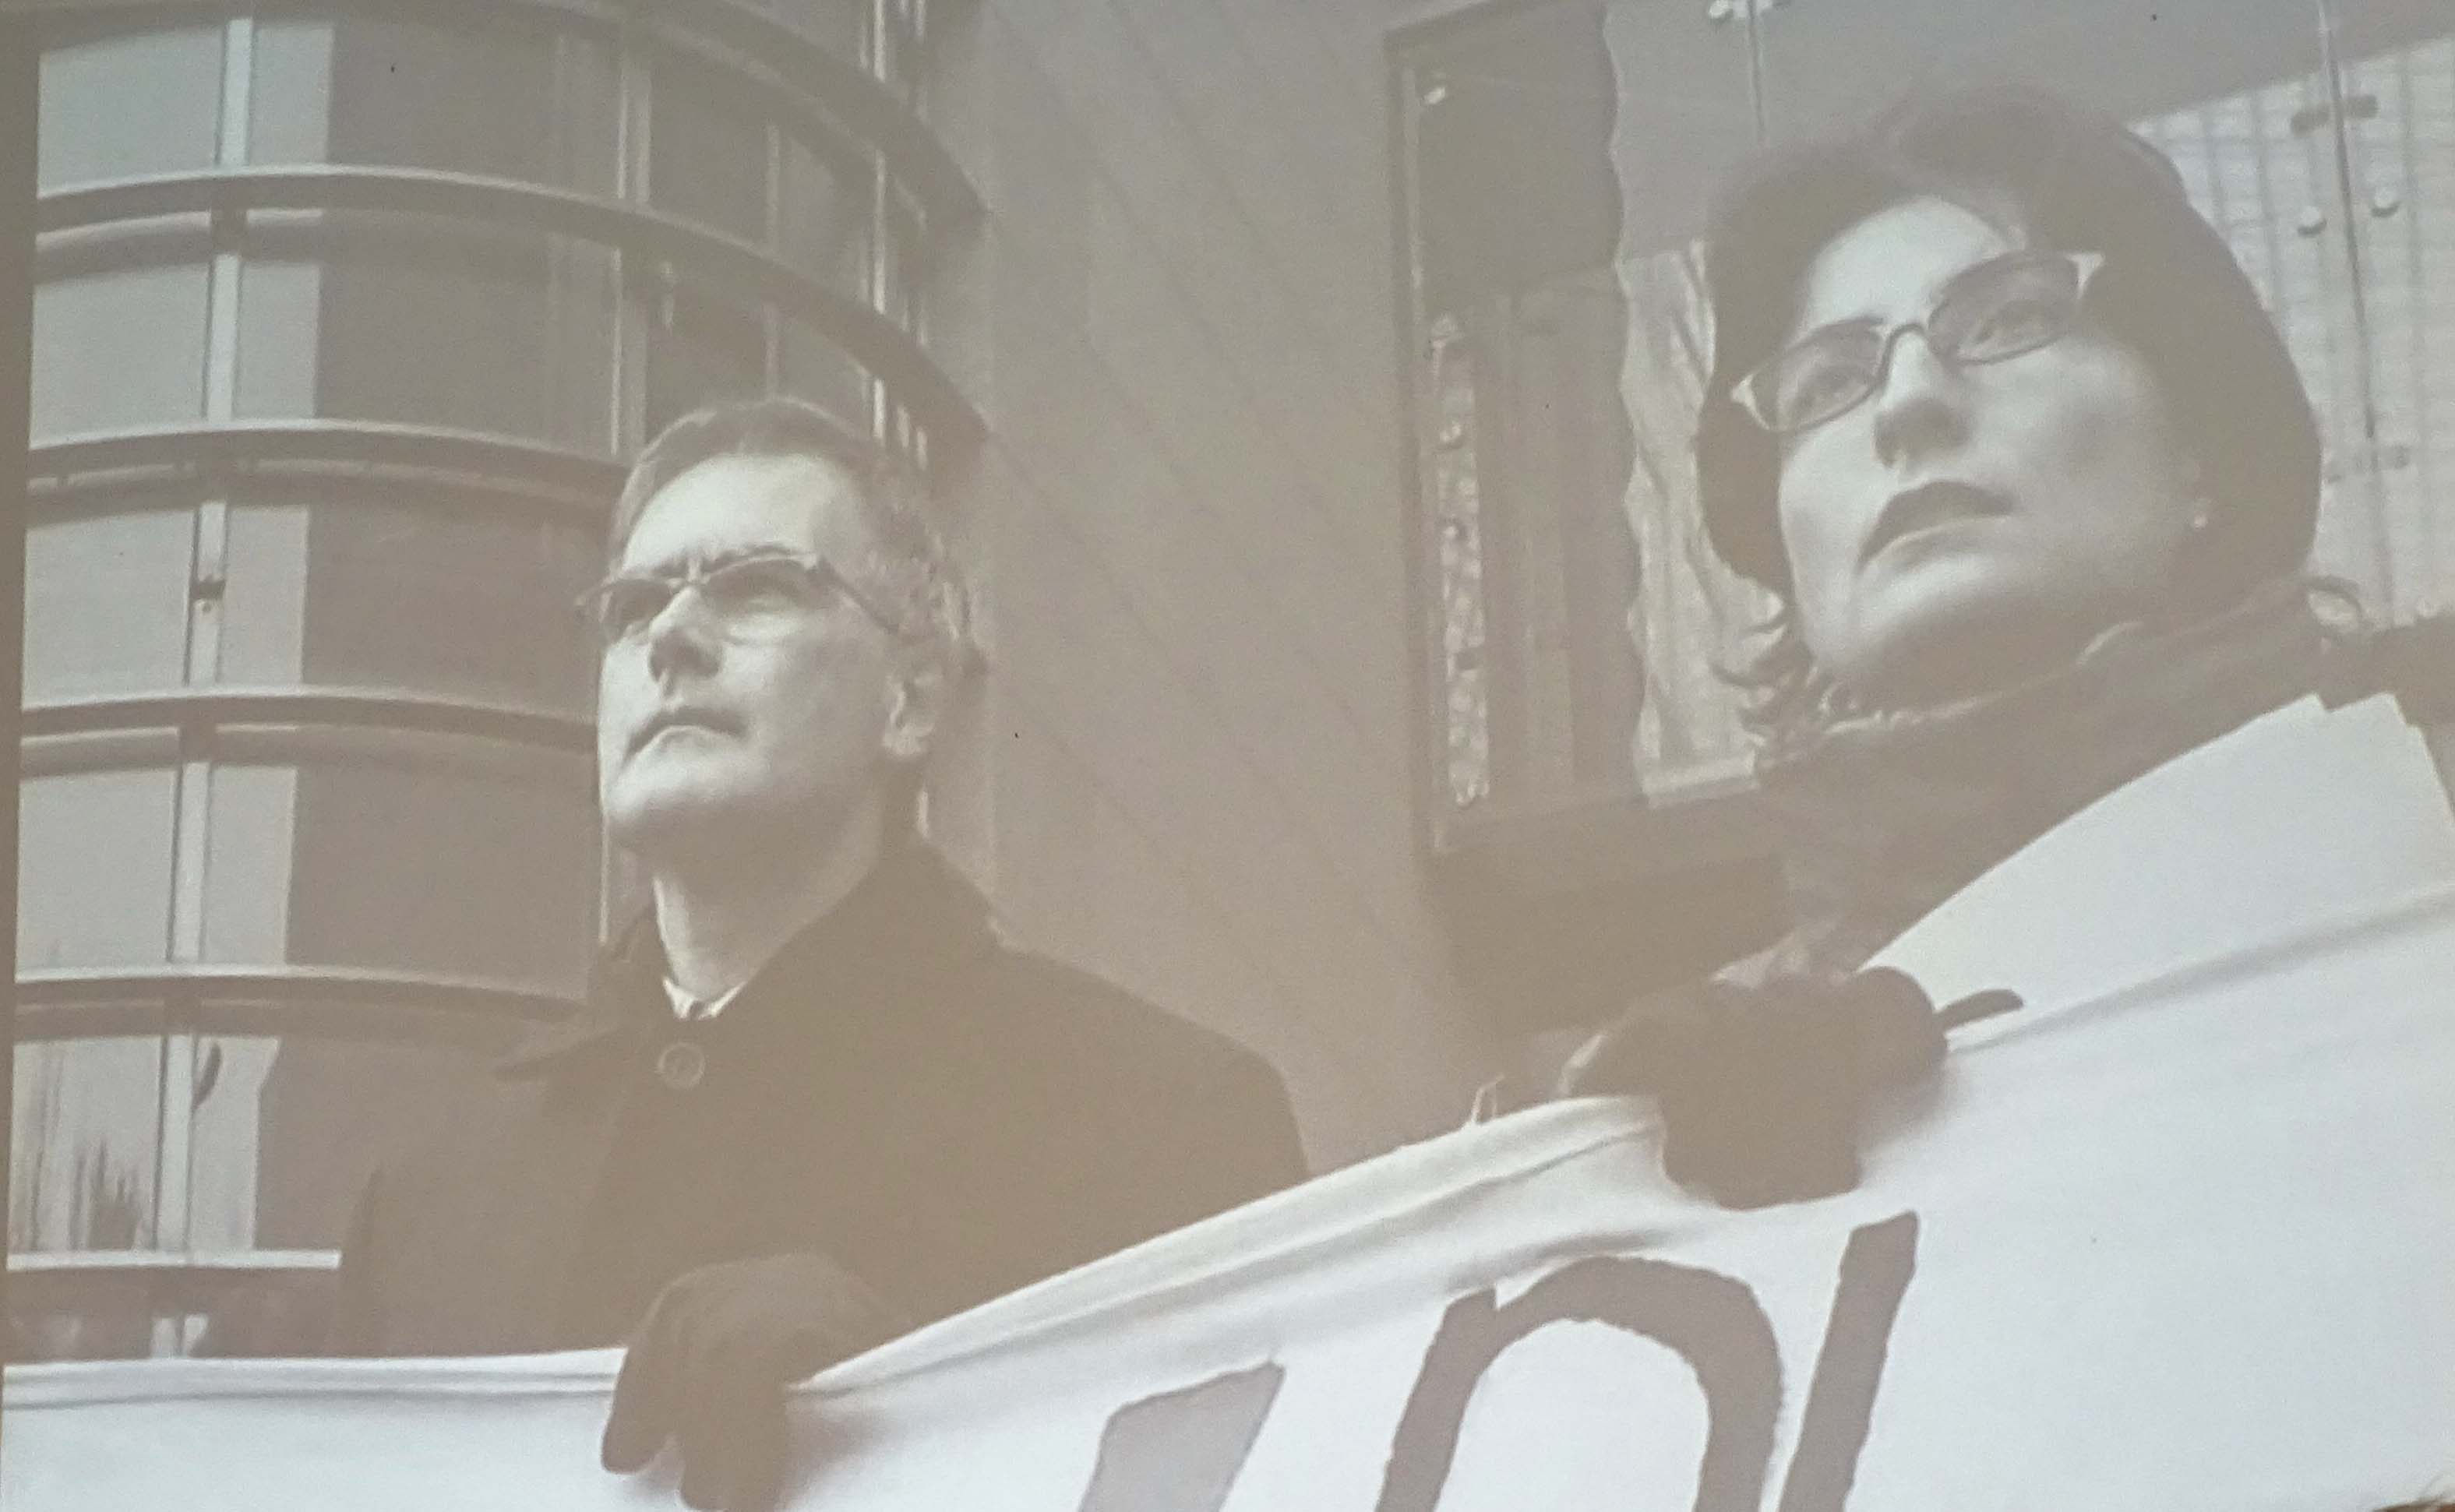 Erinnerung an frühere Demo-Tage: Hanspeter Uster und Manuela Weichelt gegen die «Prestige»-Tankerkatastrophe 2002.